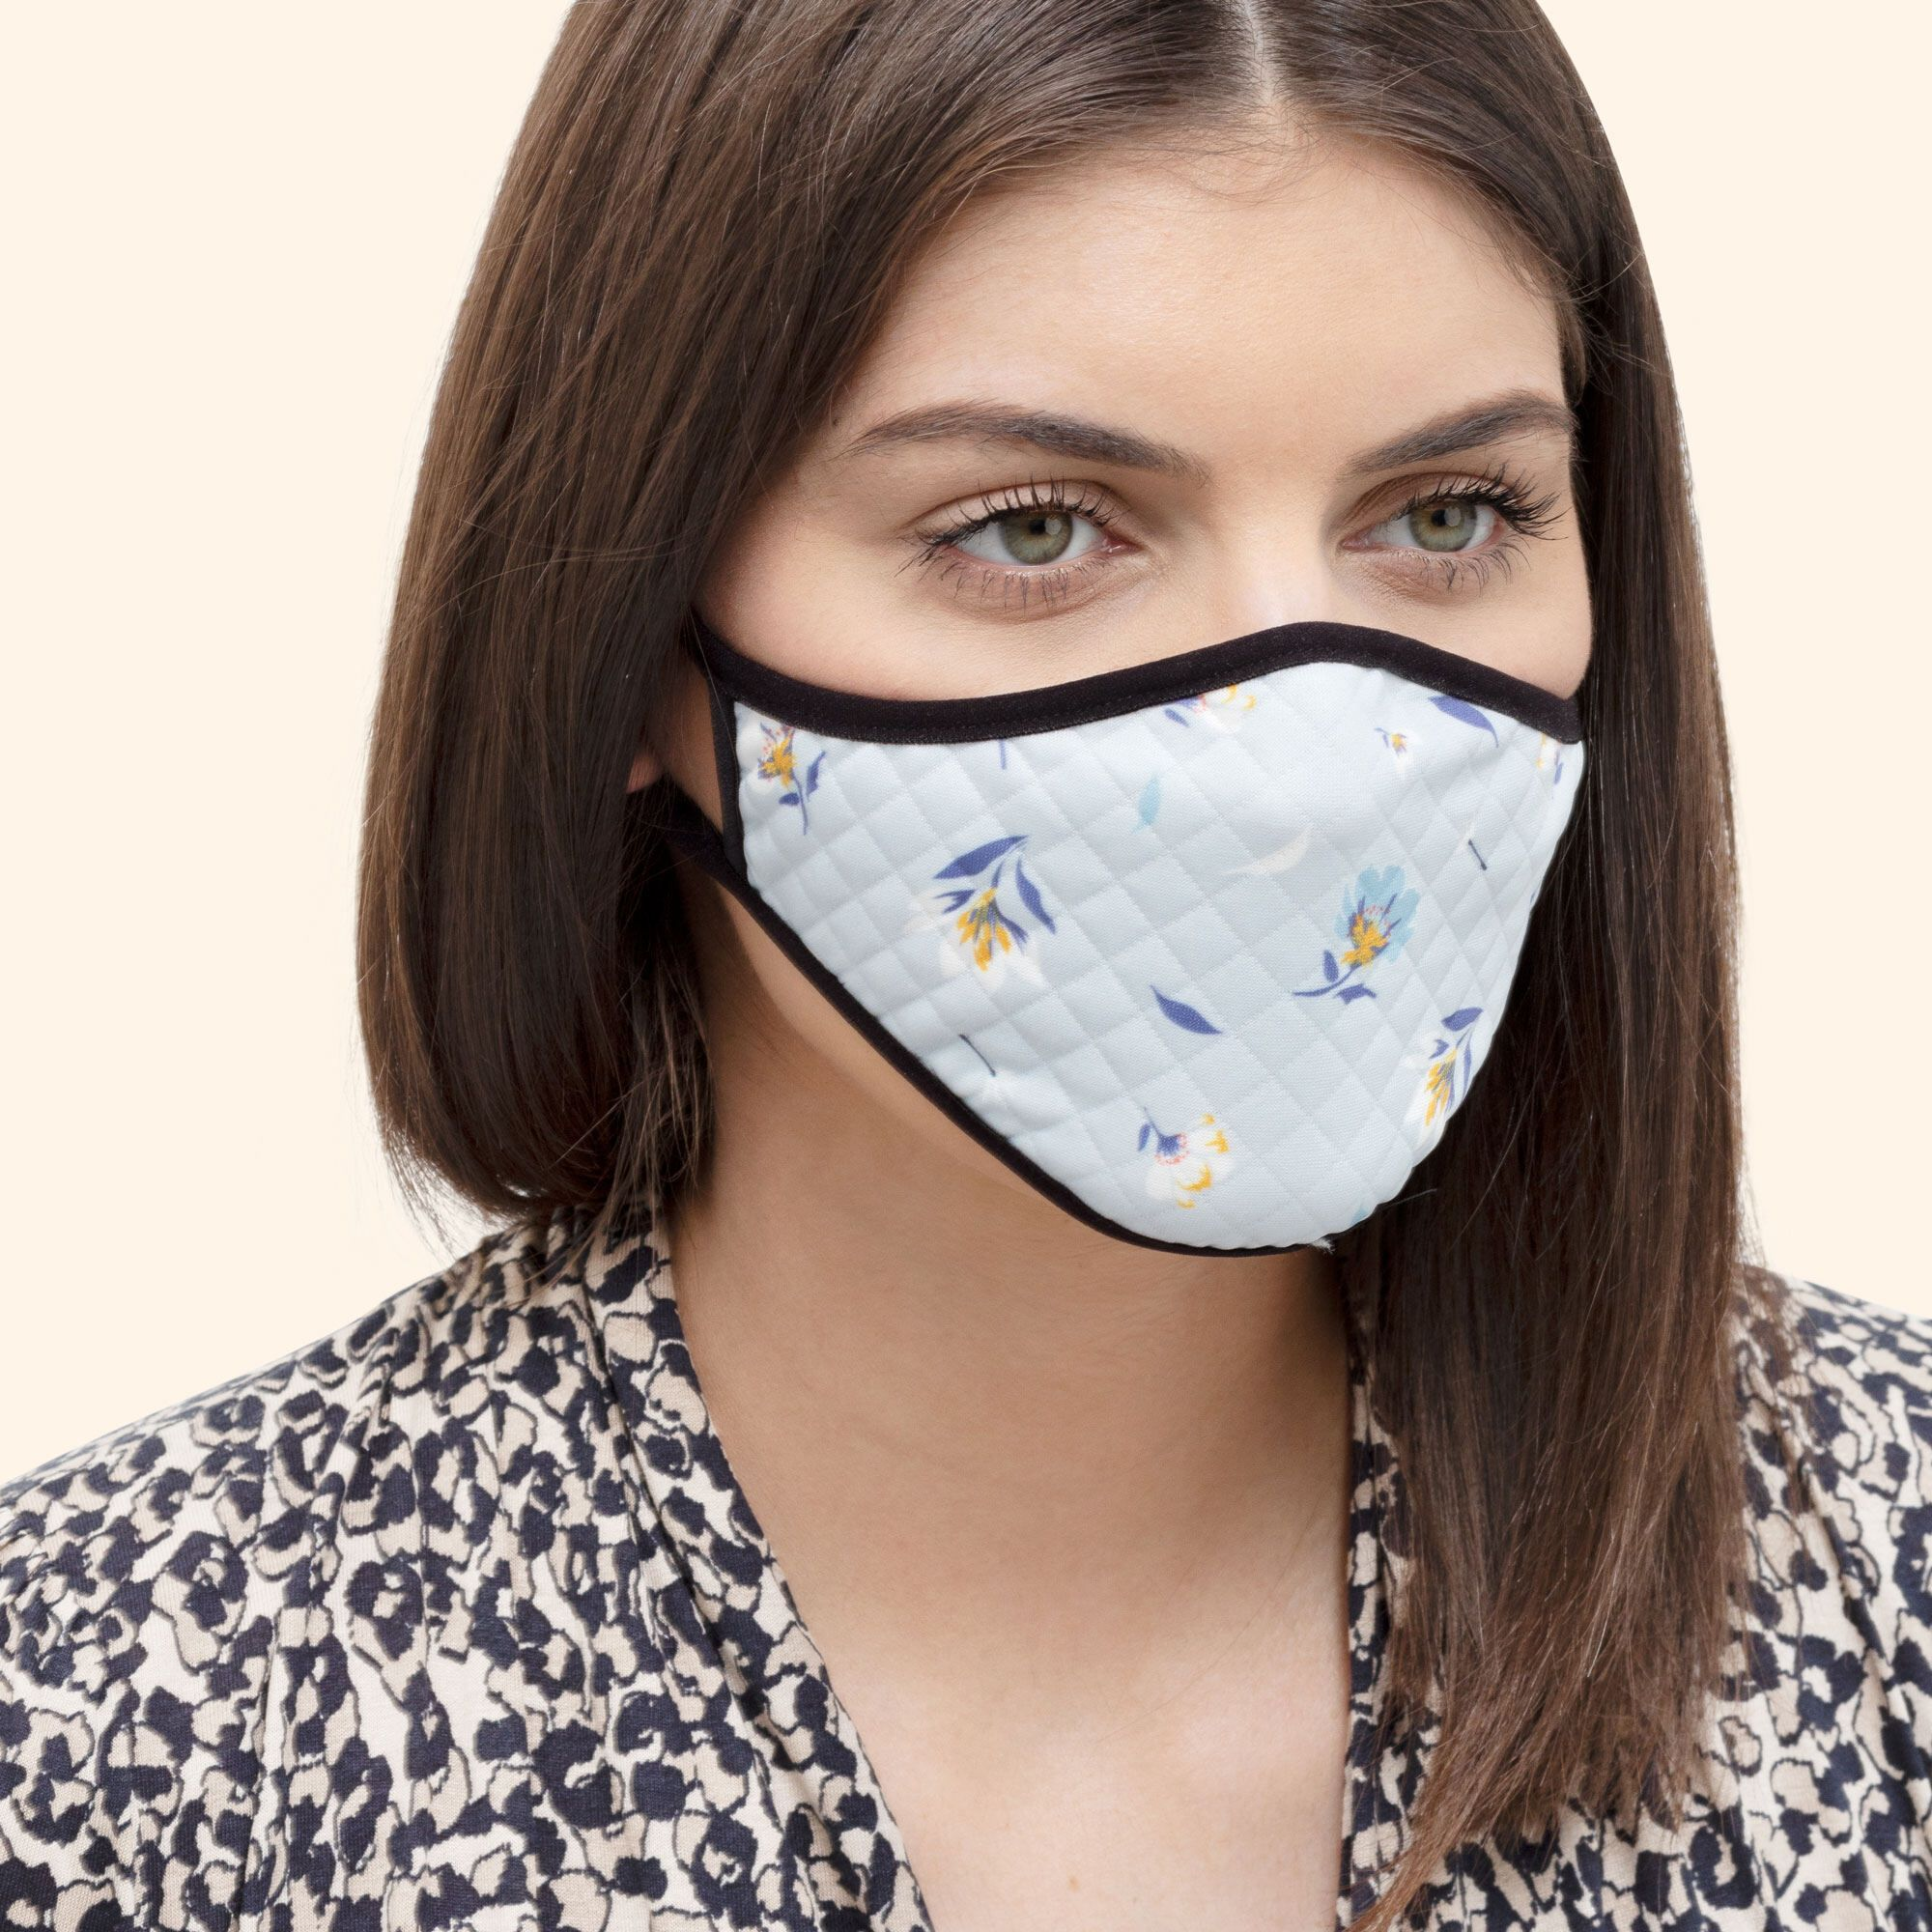 新しい生活様式の必需品 布マスク